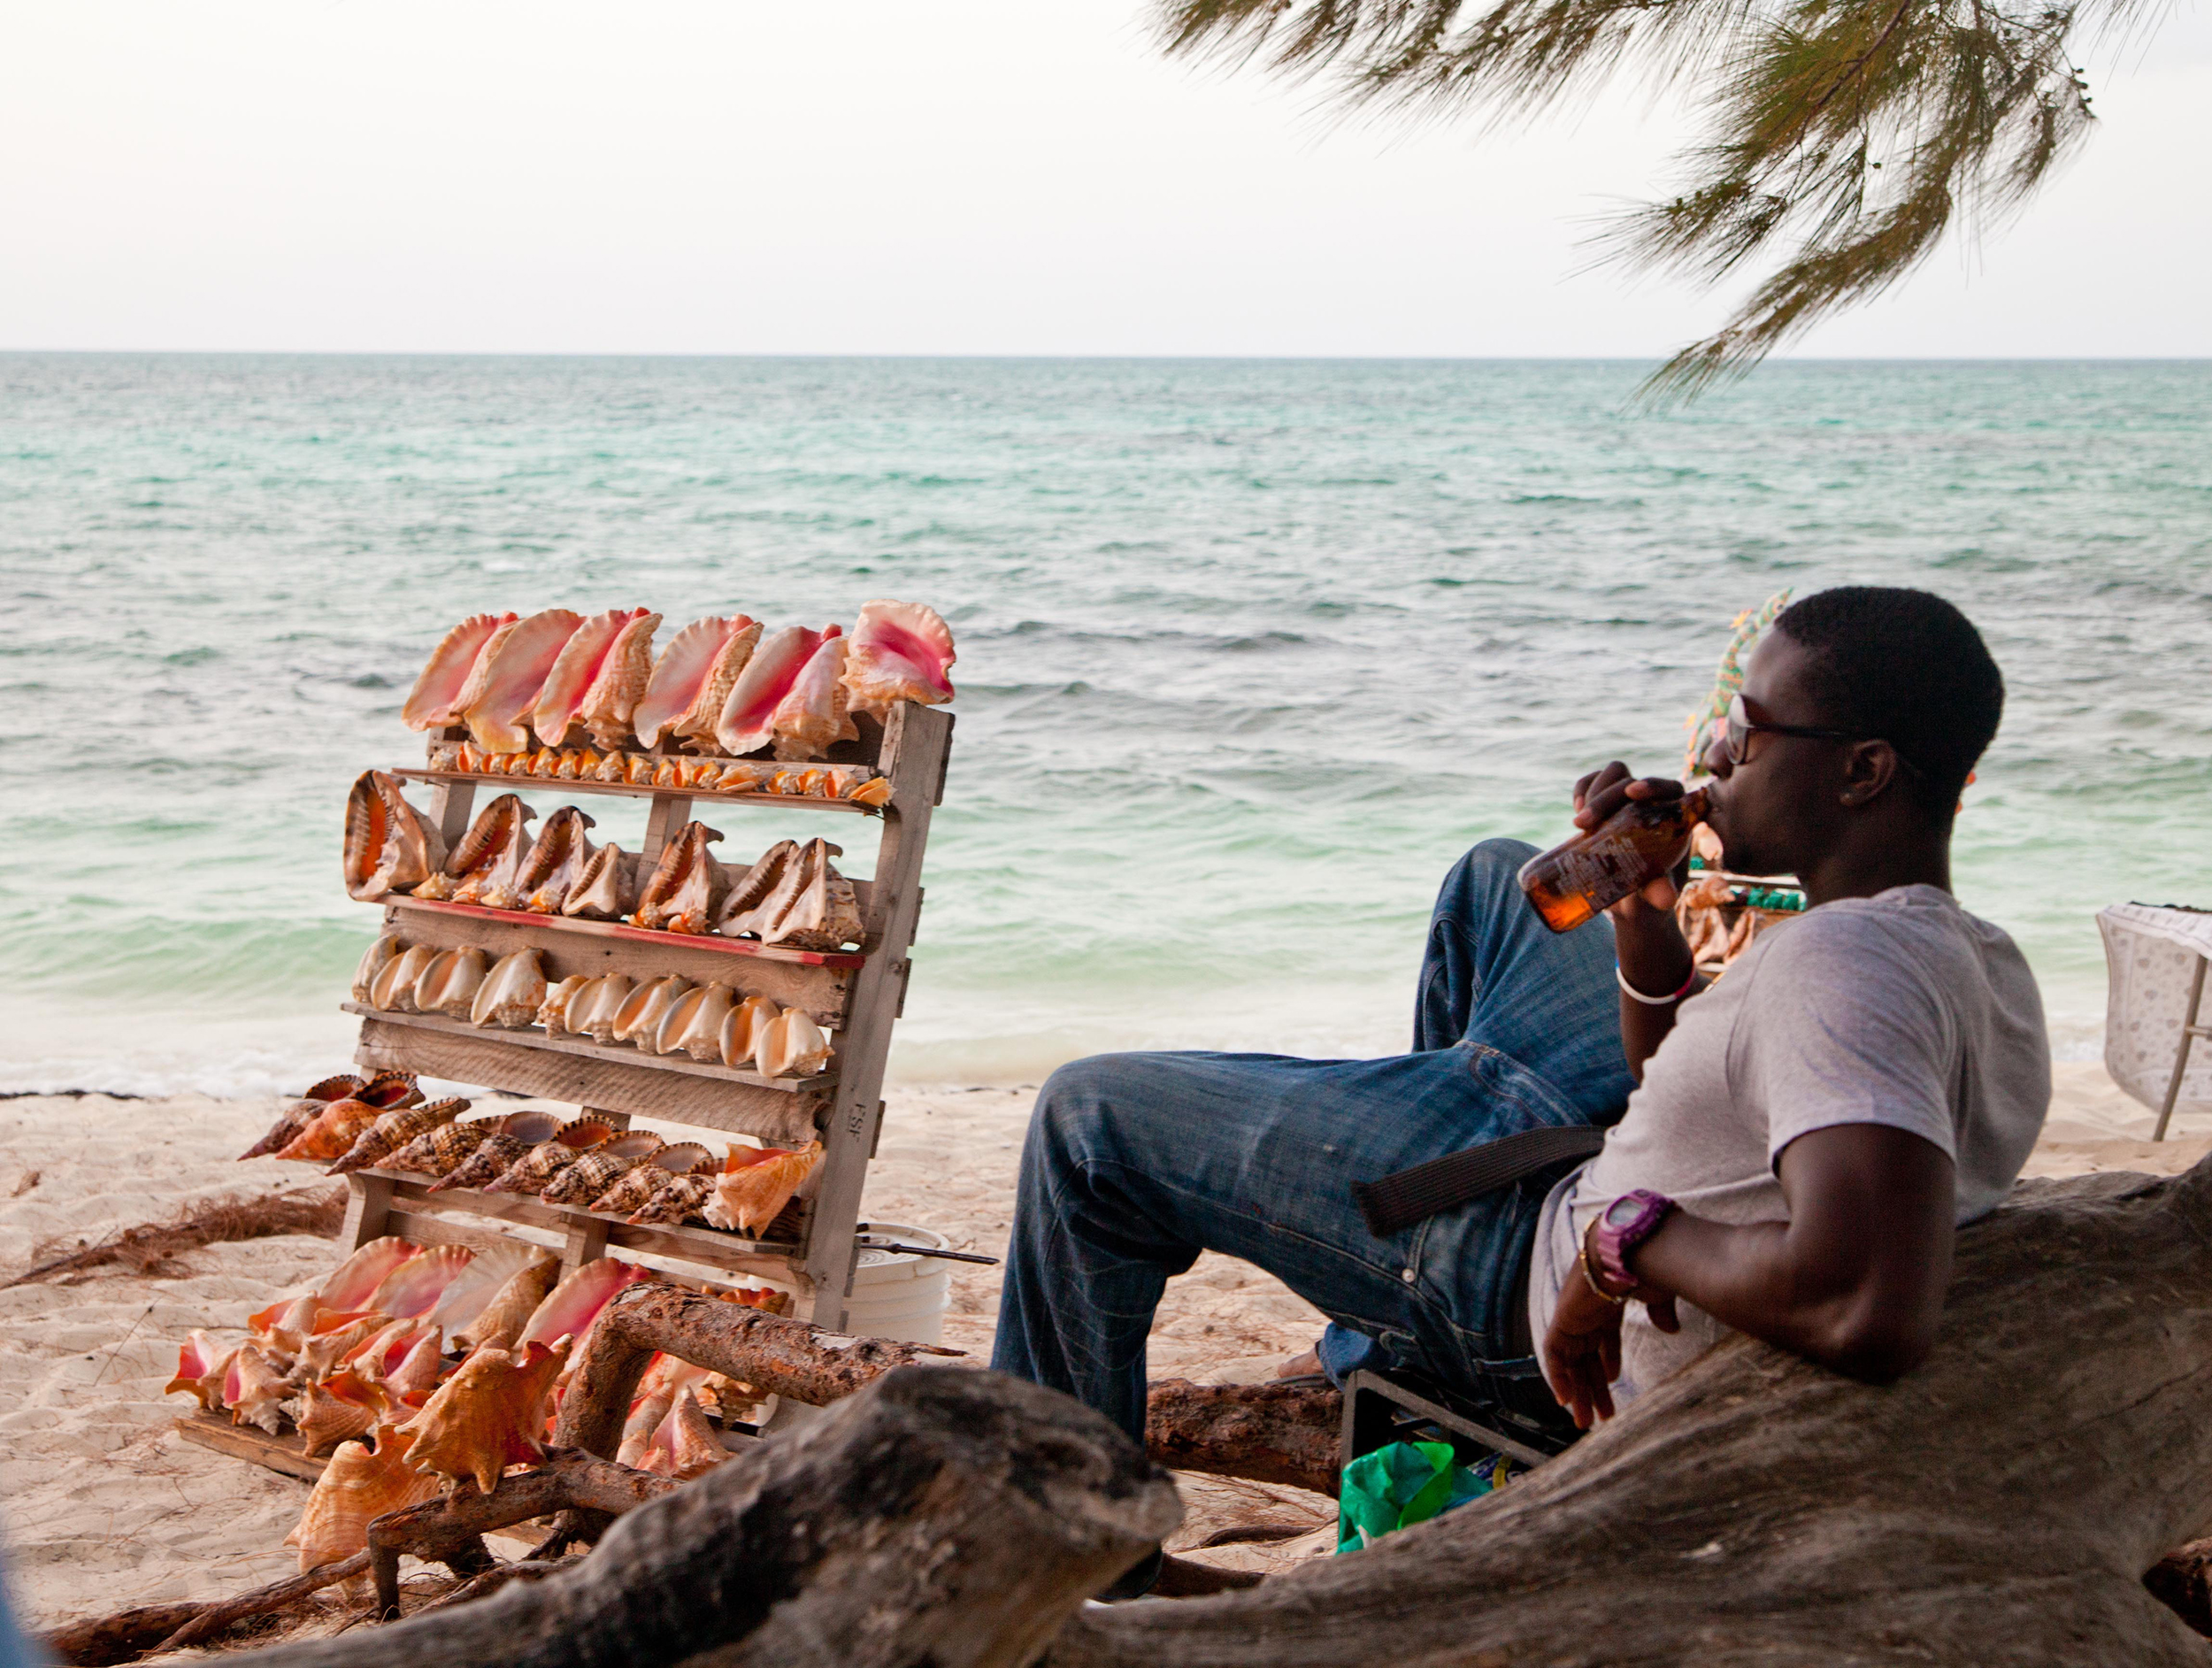 Turks and Caicos_08.jpg